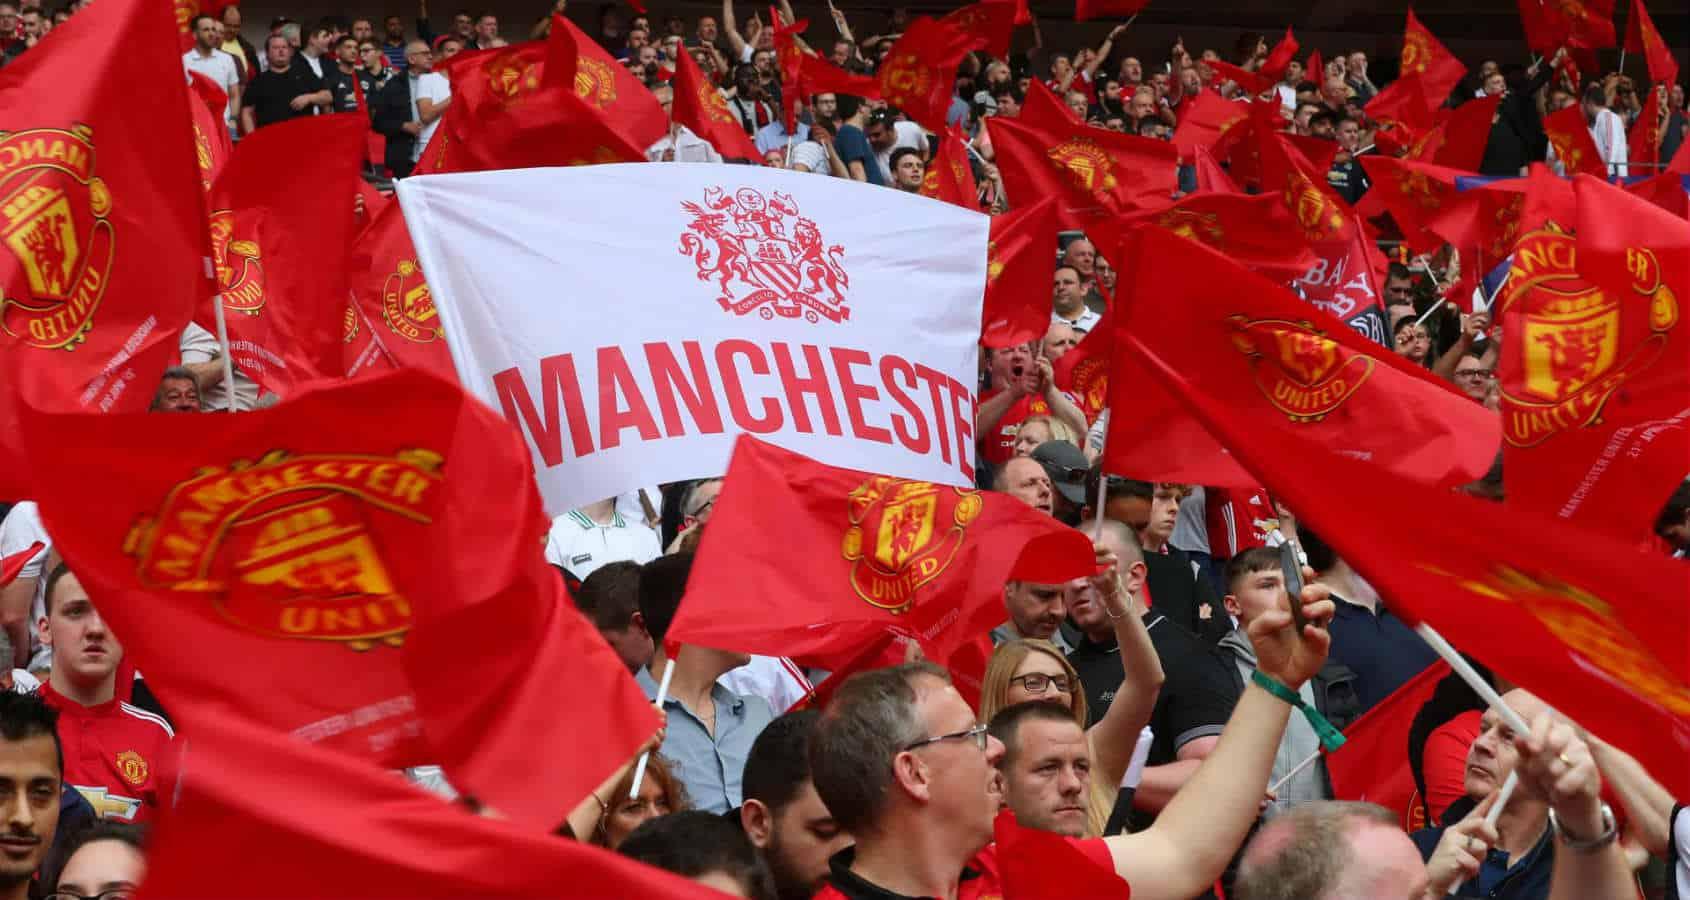 Fotbollsresor, Manchester United Biljetter, Premier League, England